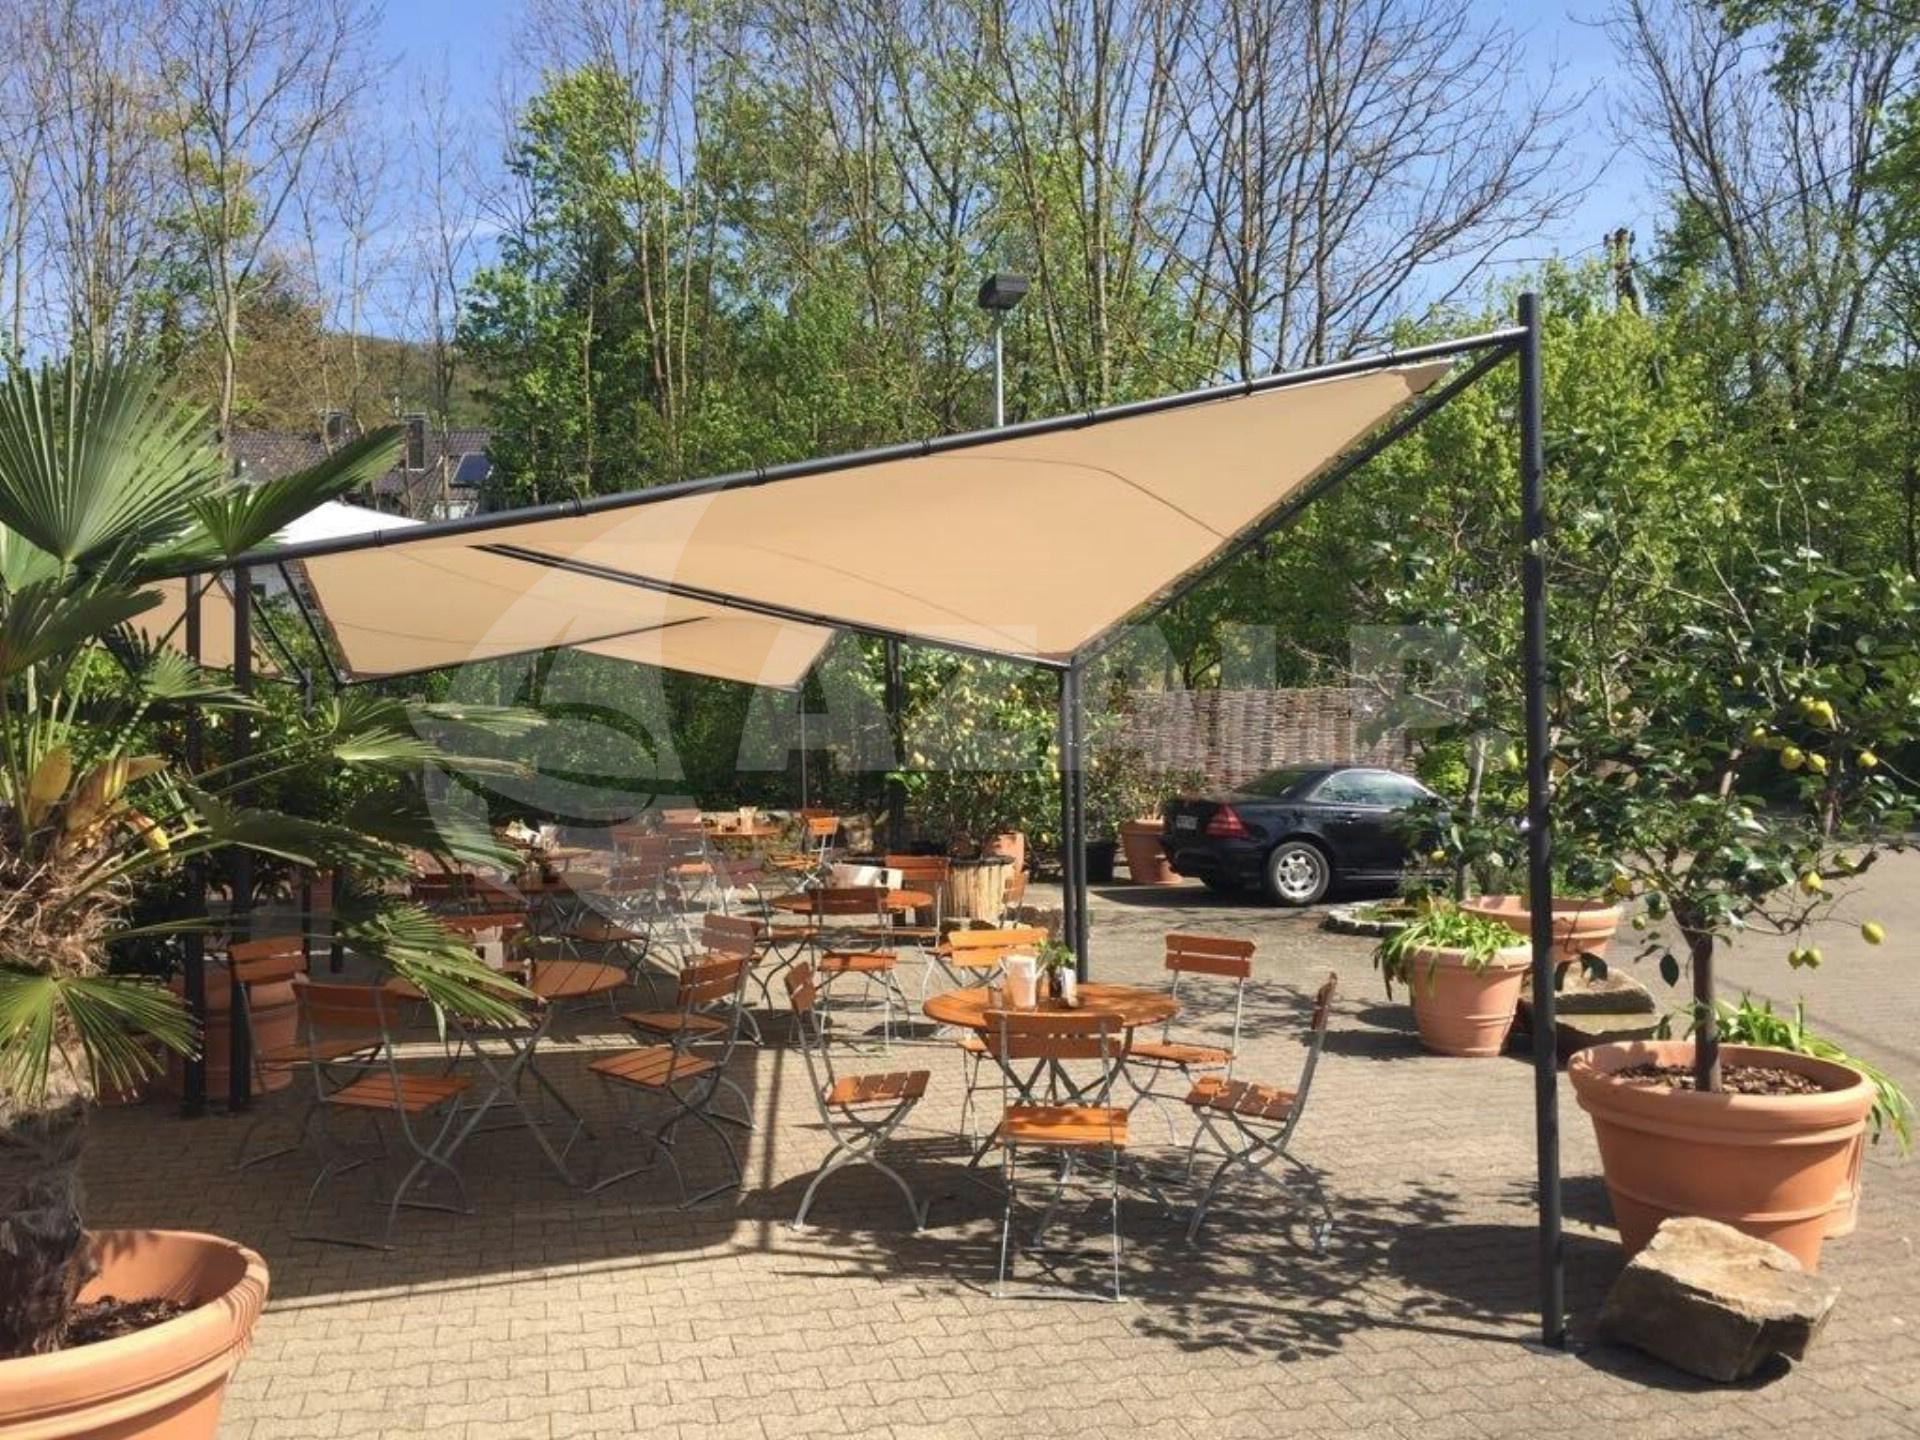 Schaduwdoek 4 X 6.Orange Outdoor Schaduwdoek Sorara 4 X 4 M Butterfly Beige Grijs